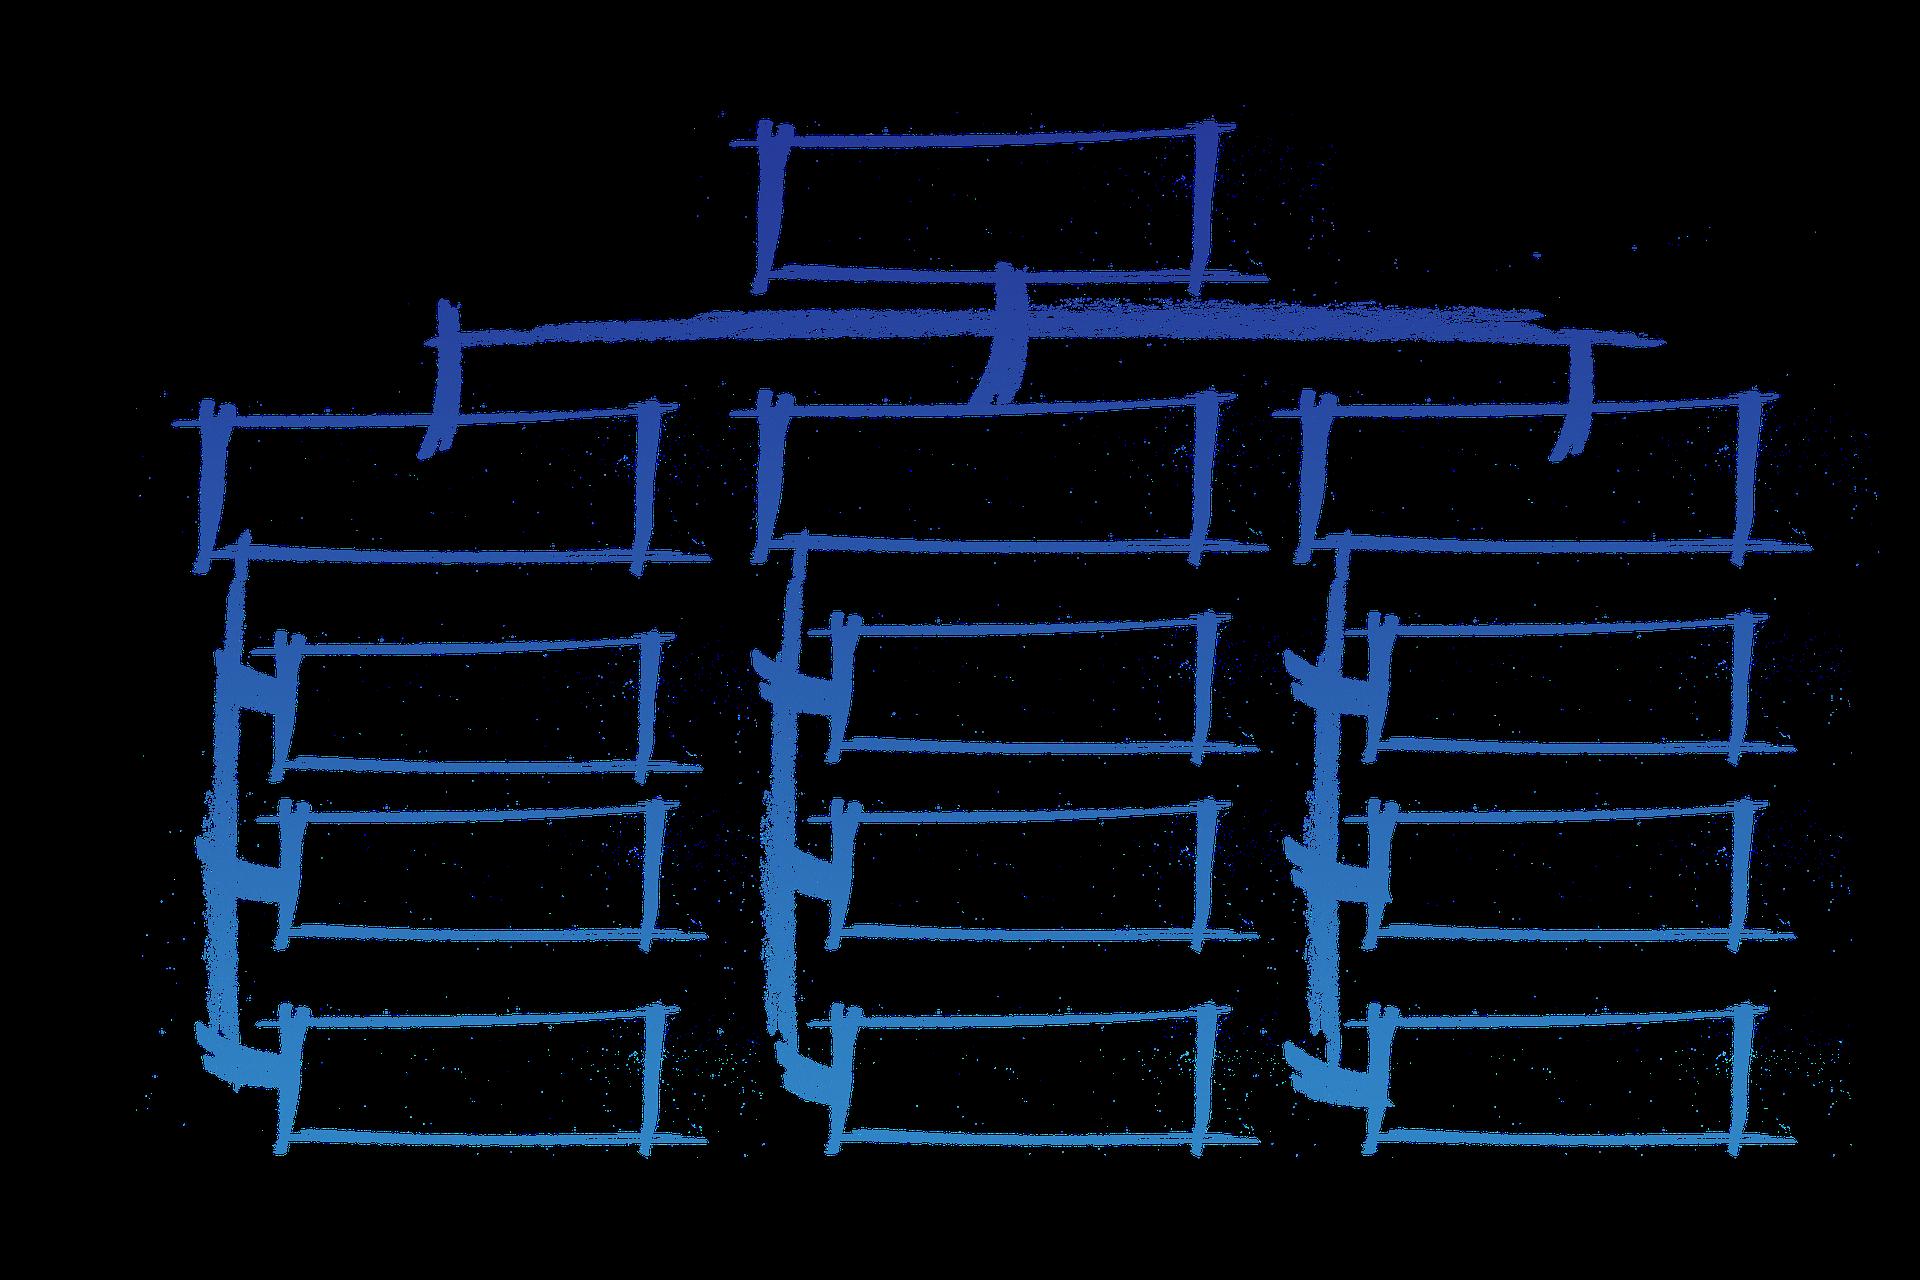 organization-chart-1989132_1920.png